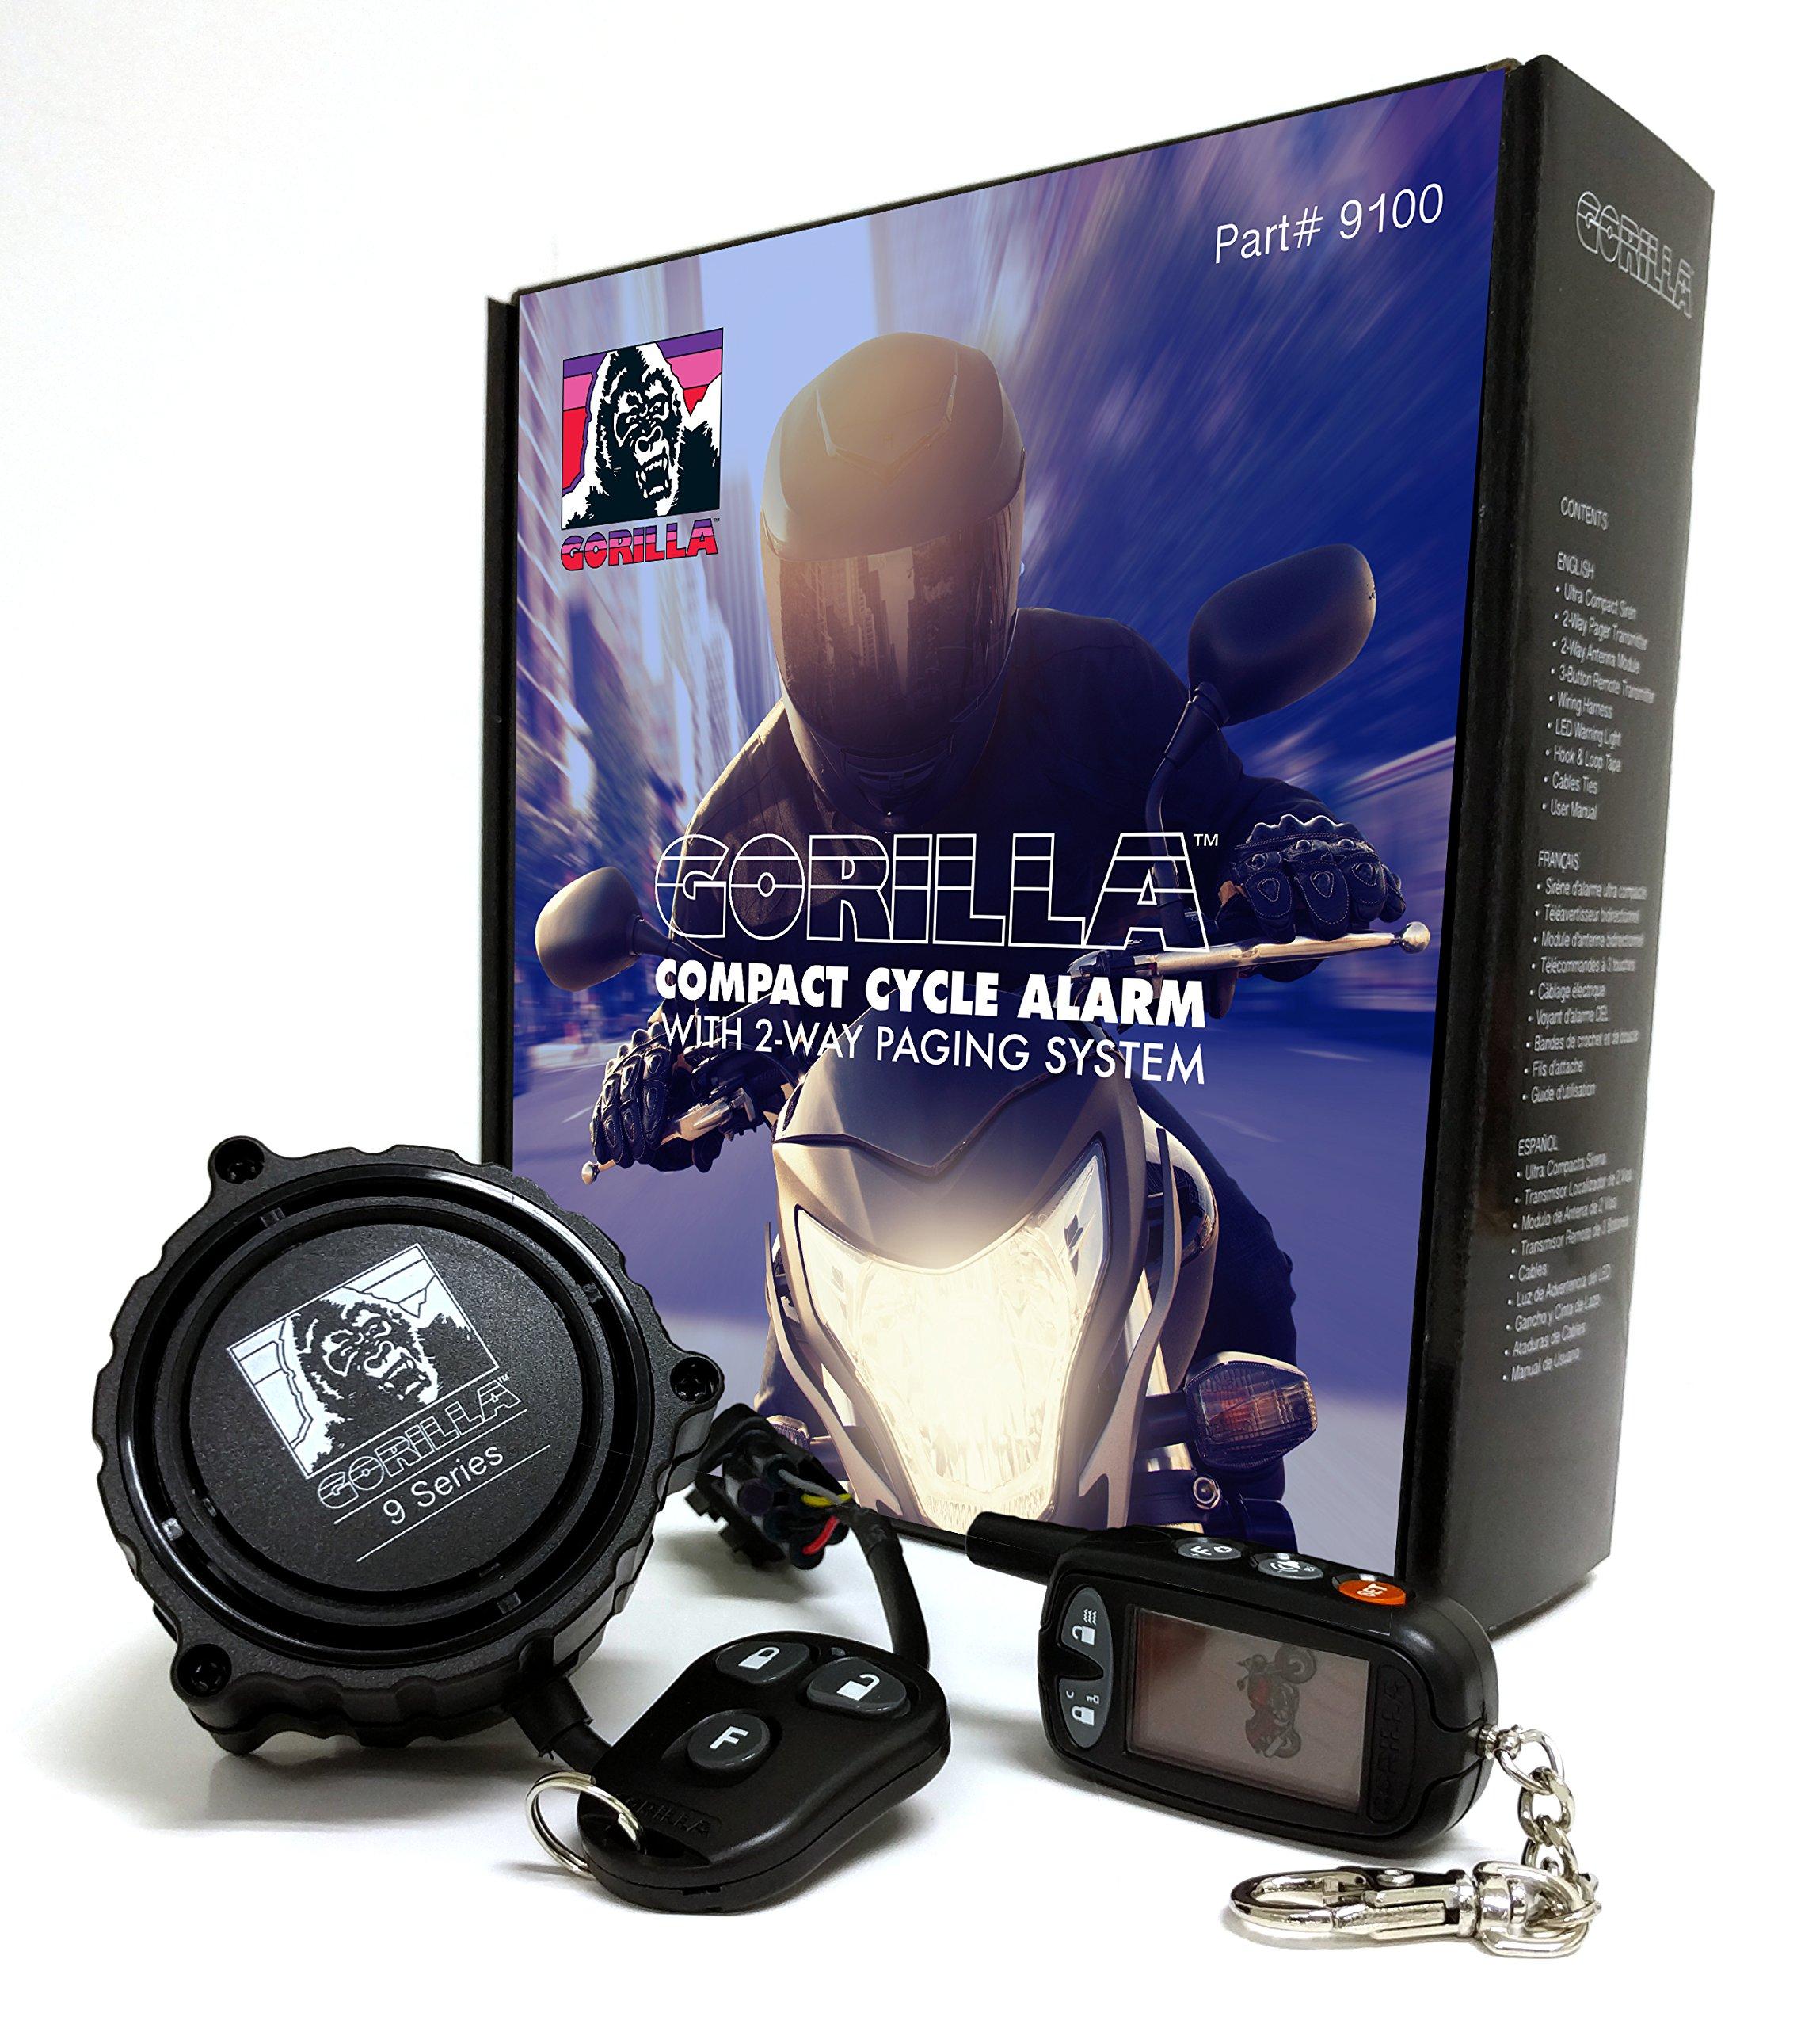 Gorilla Automotive 9100 Motorcycle Paging